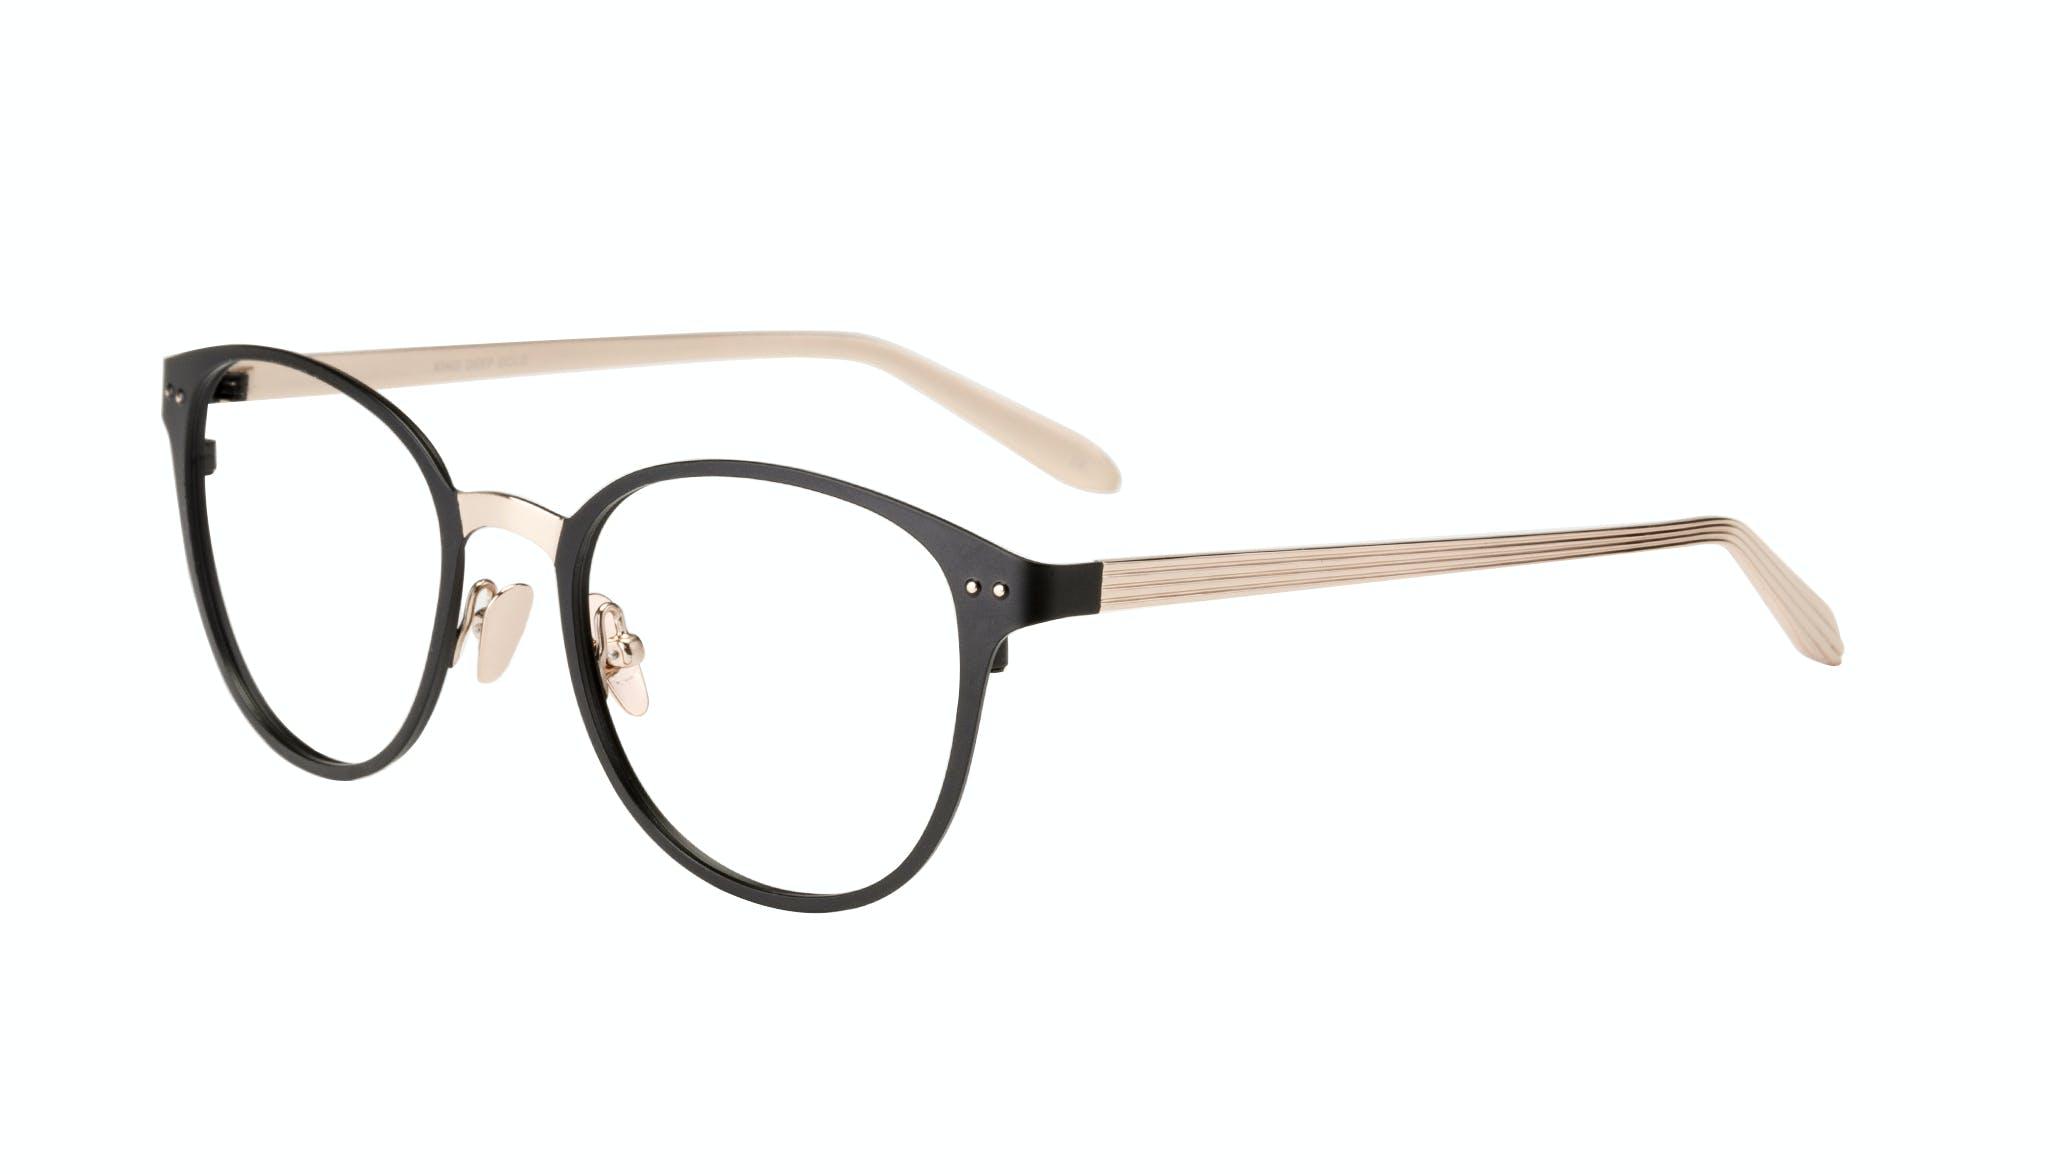 Affordable Fashion Glasses Rectangle Eyeglasses Women Kind Deep Gold Tilt